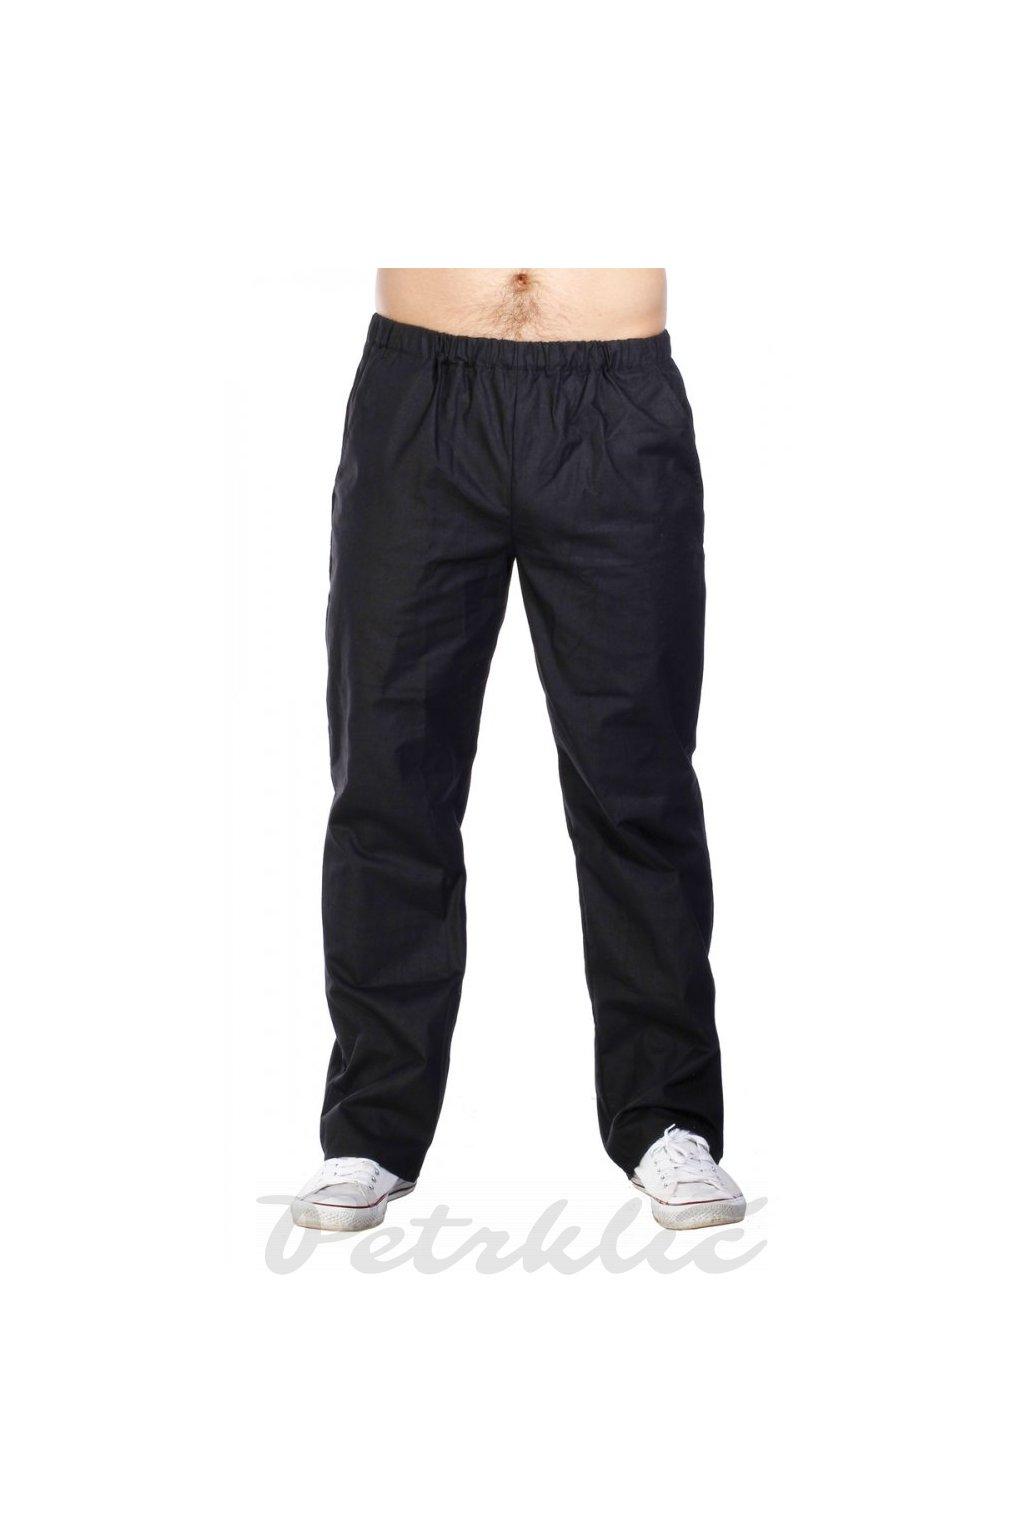 Pánské domáky - kalhoty černé